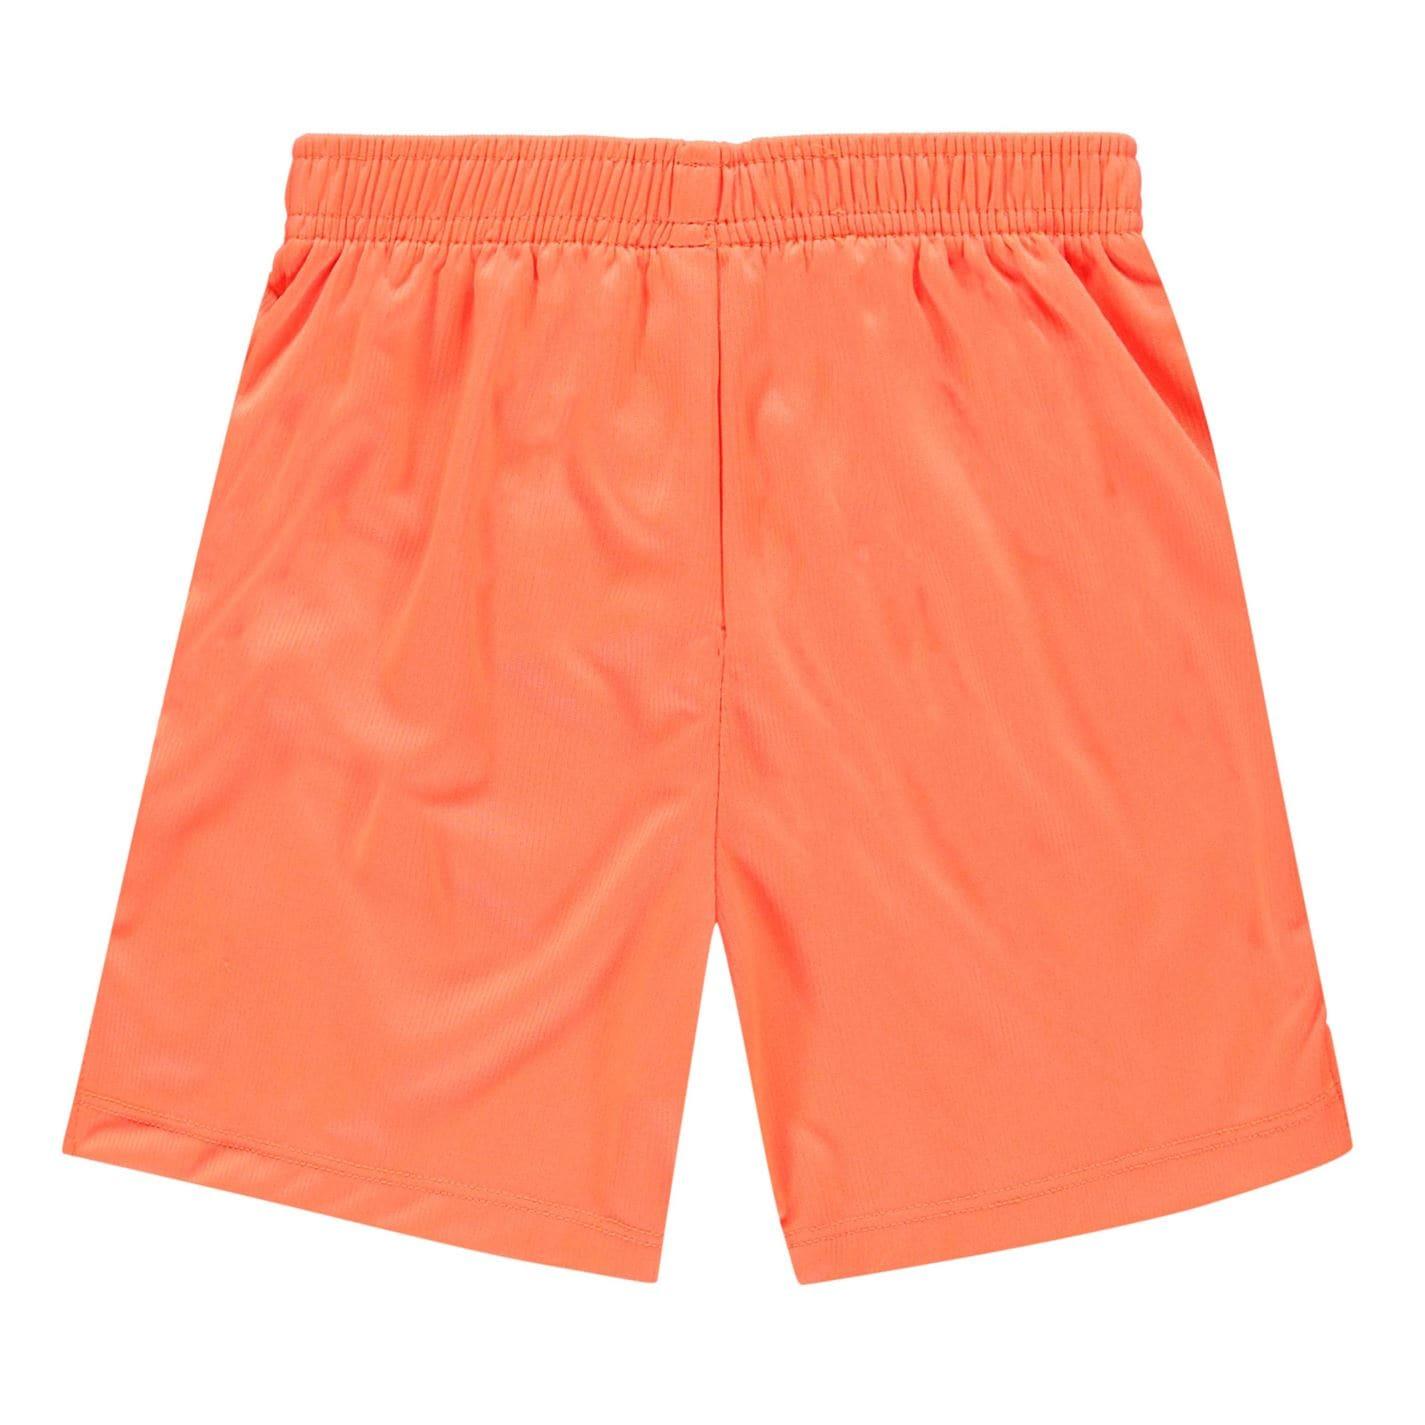 Pantaloni scurti Sondico Core pentru Bebelusi portocaliu fosforescent negru